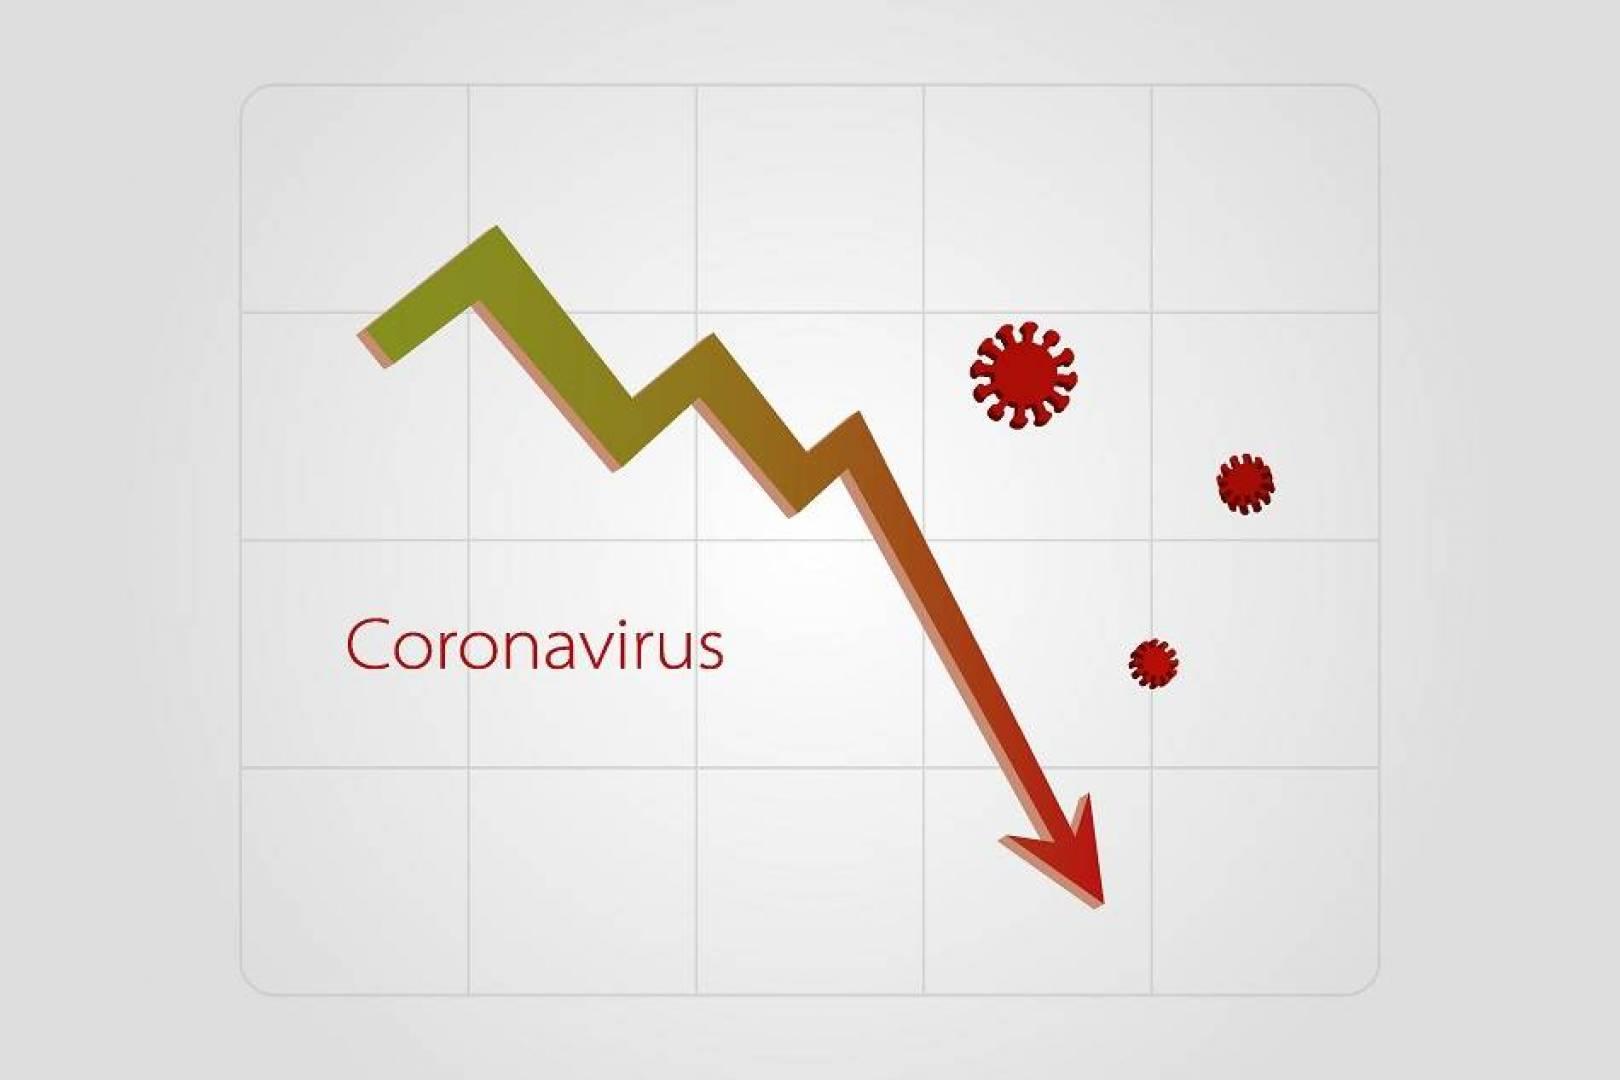 فيروس كورونا قد يضر بنمو الاقتصاد العالمي